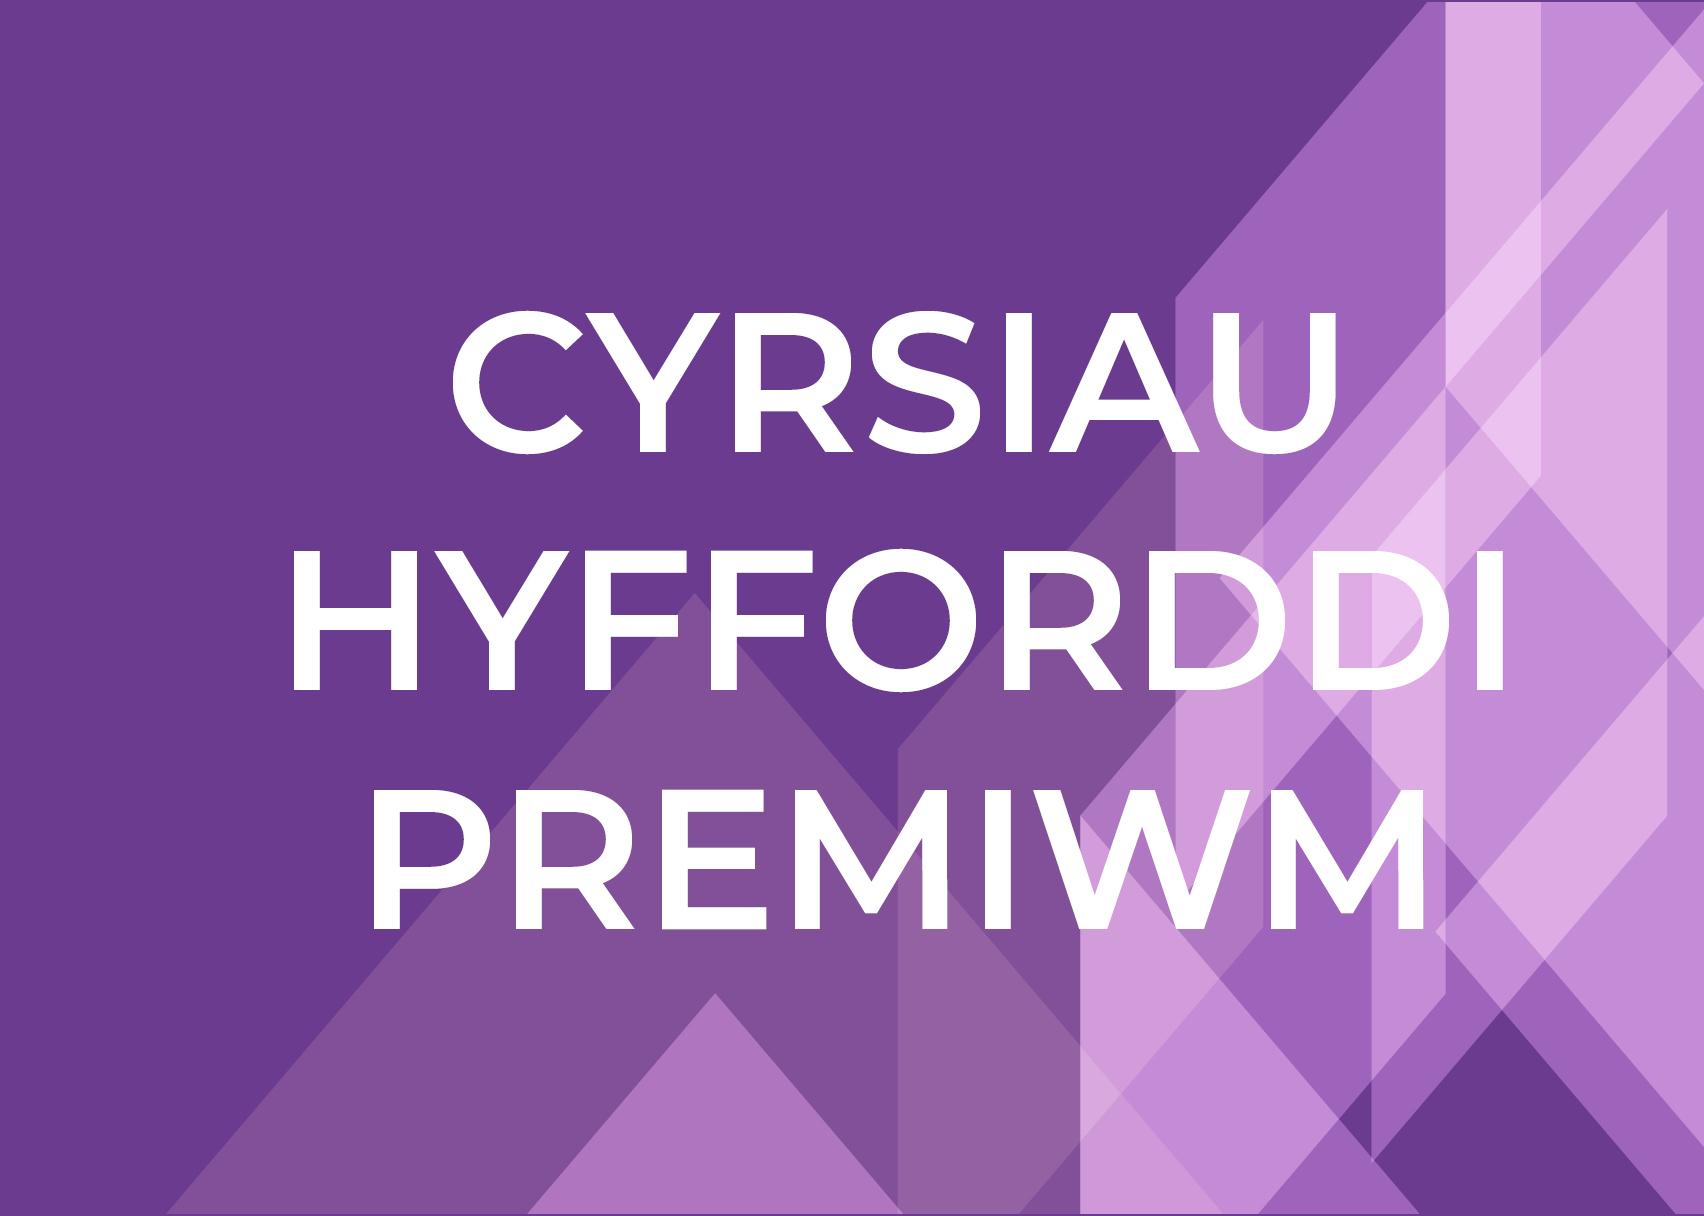 Cyrsiau Hyfforddi Premiwm